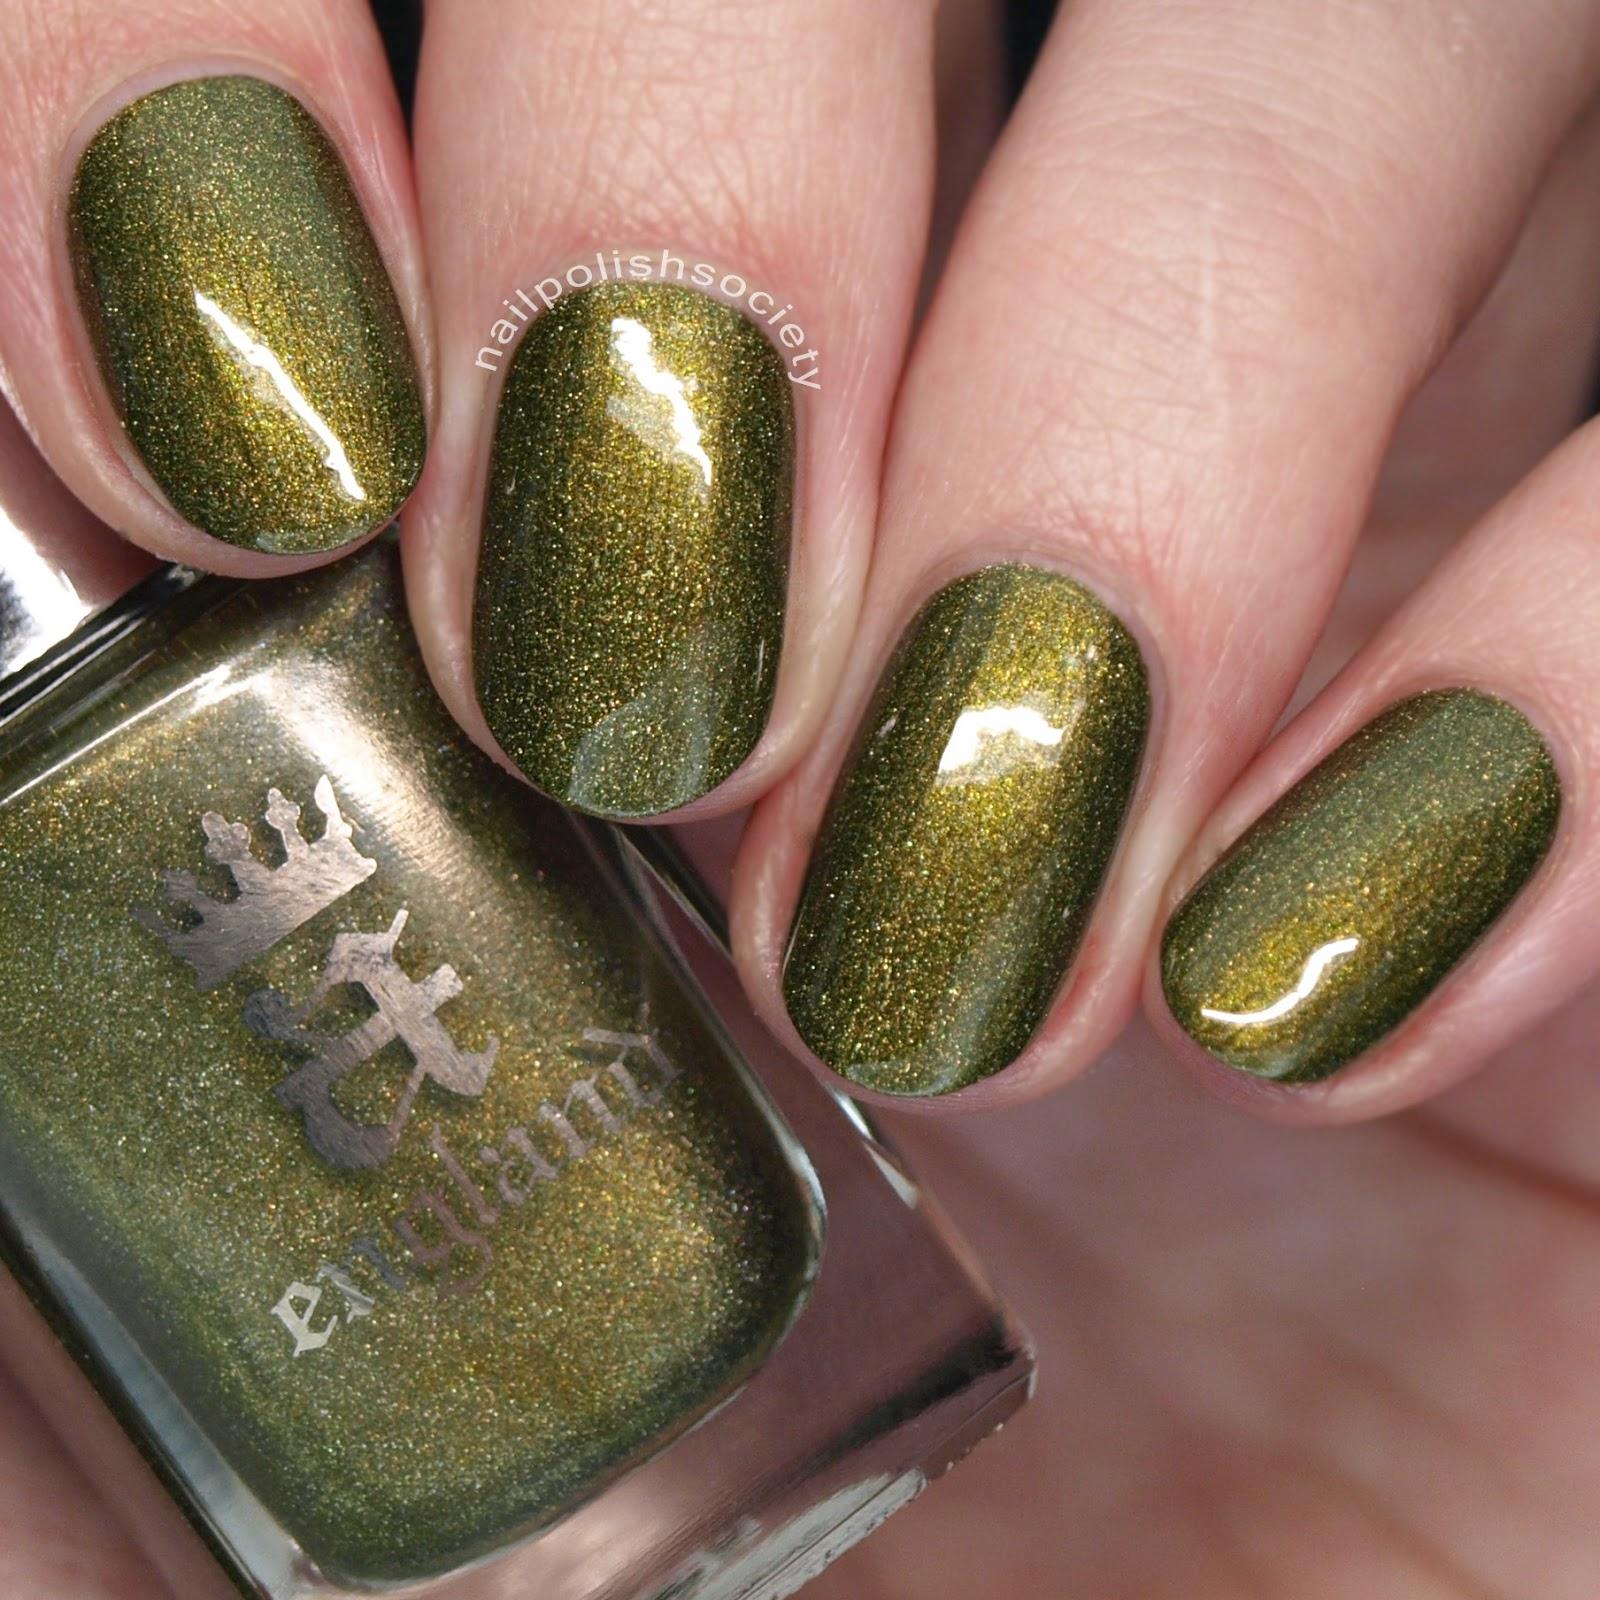 Nail Polish Society: 15 Gorgeous Green Nail Polishes for St ...